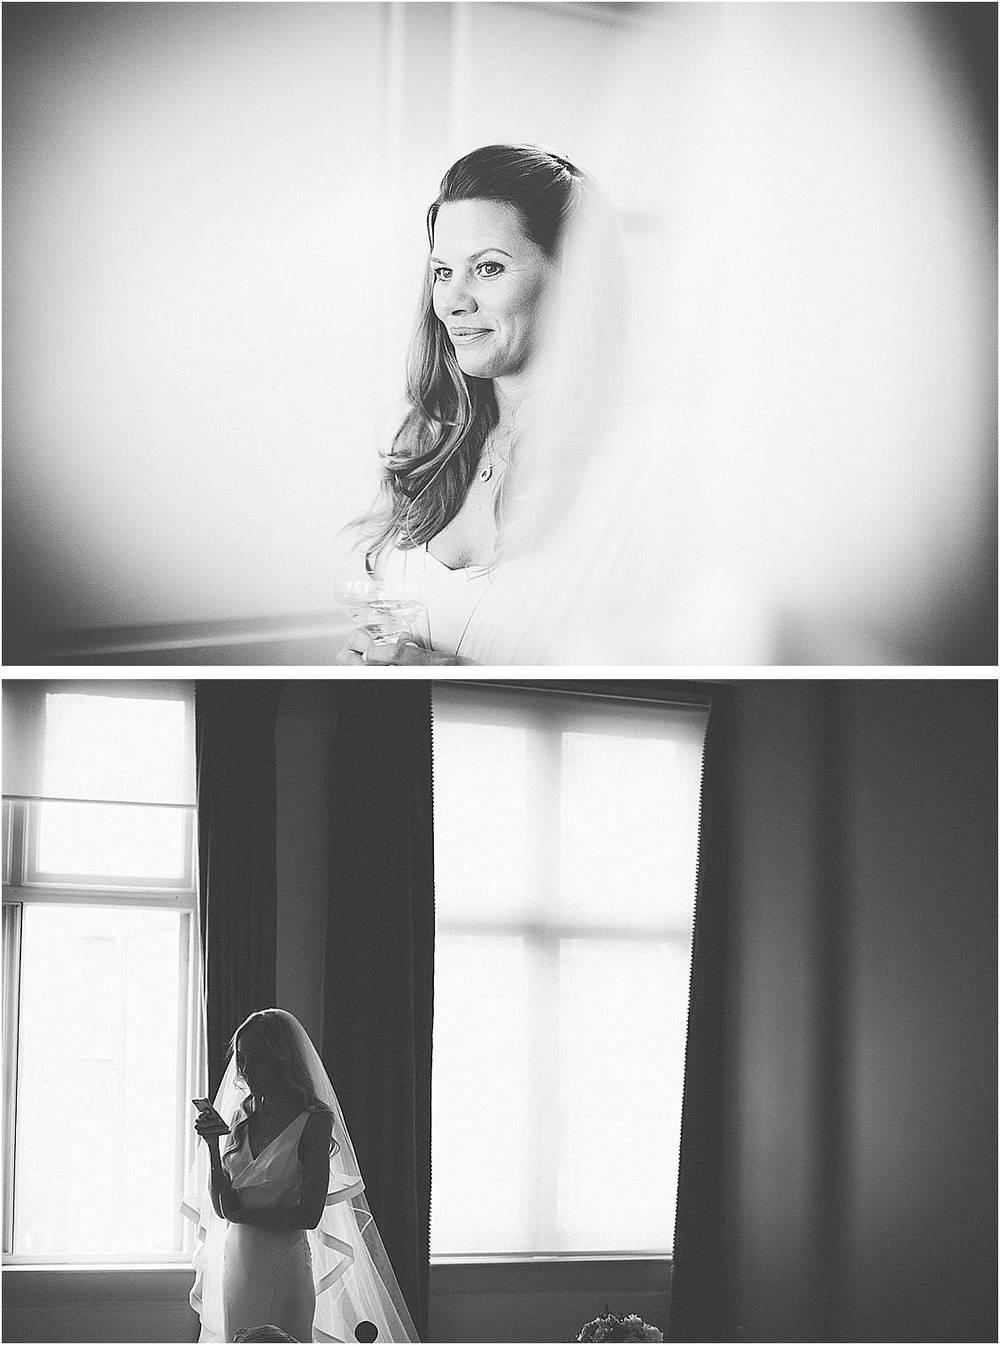 Boud_FionaclairPhotography_OneMarlyebone_Blog-60.jpg